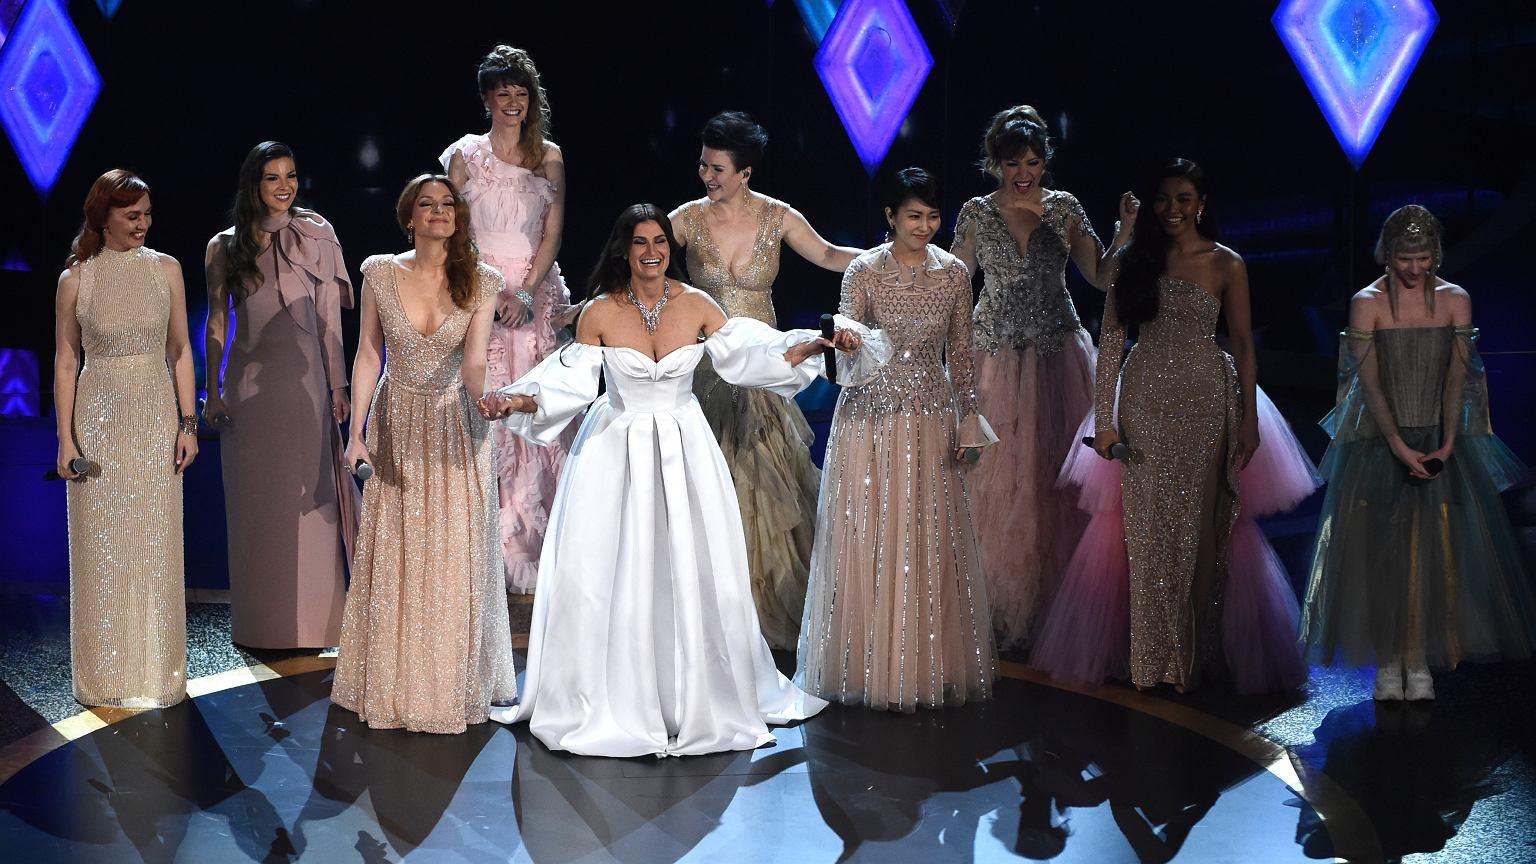 Oscary 2020. Kasia Łaska, czyli polska Elsa z 'Krainy lodu', zaśpiewała na początku gali